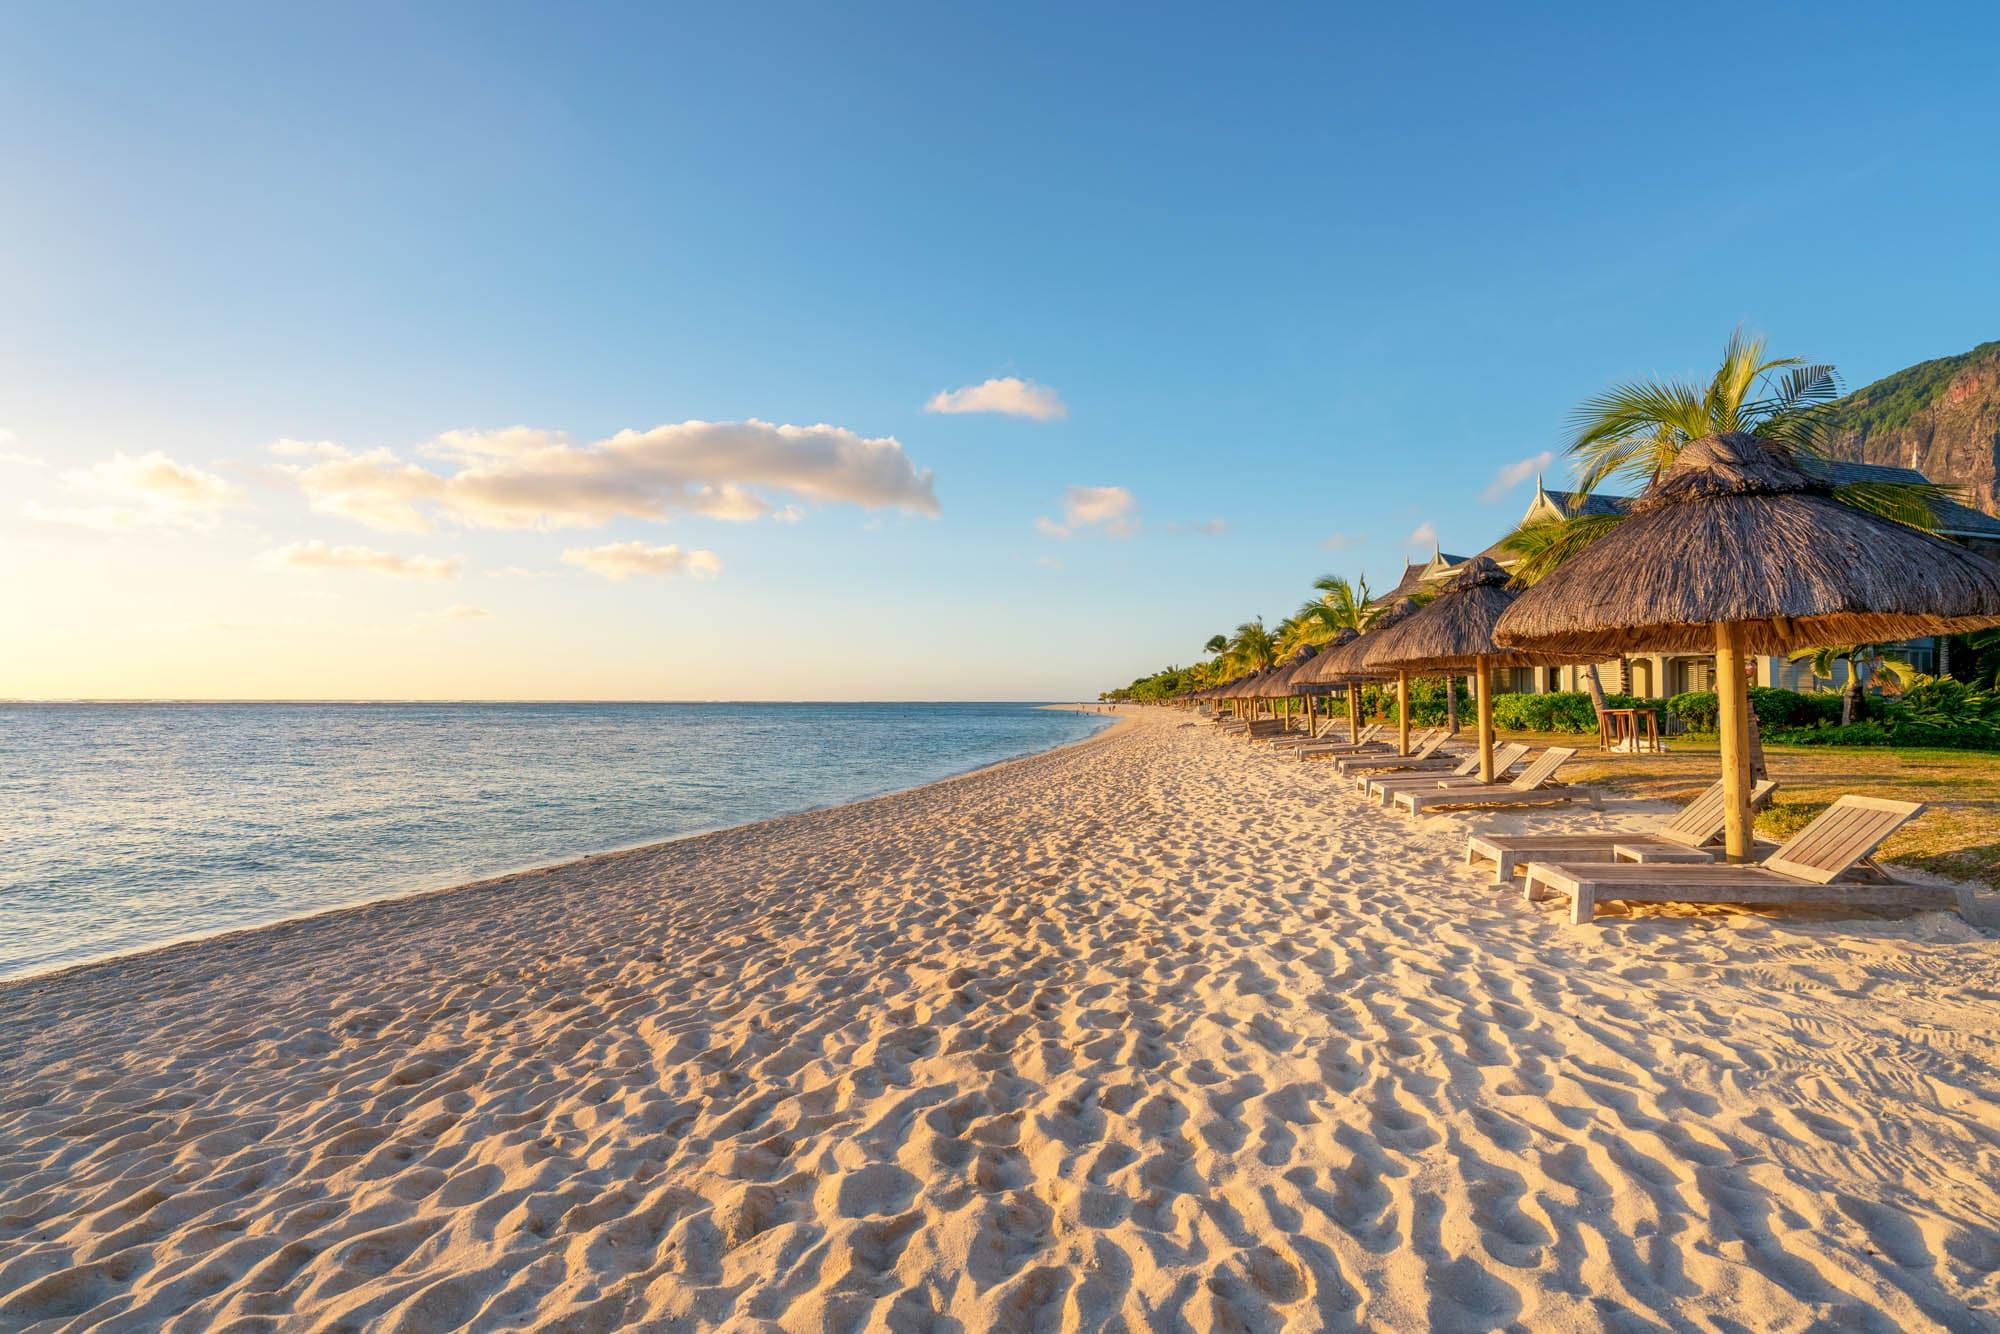 Jagtrejse Mauritius